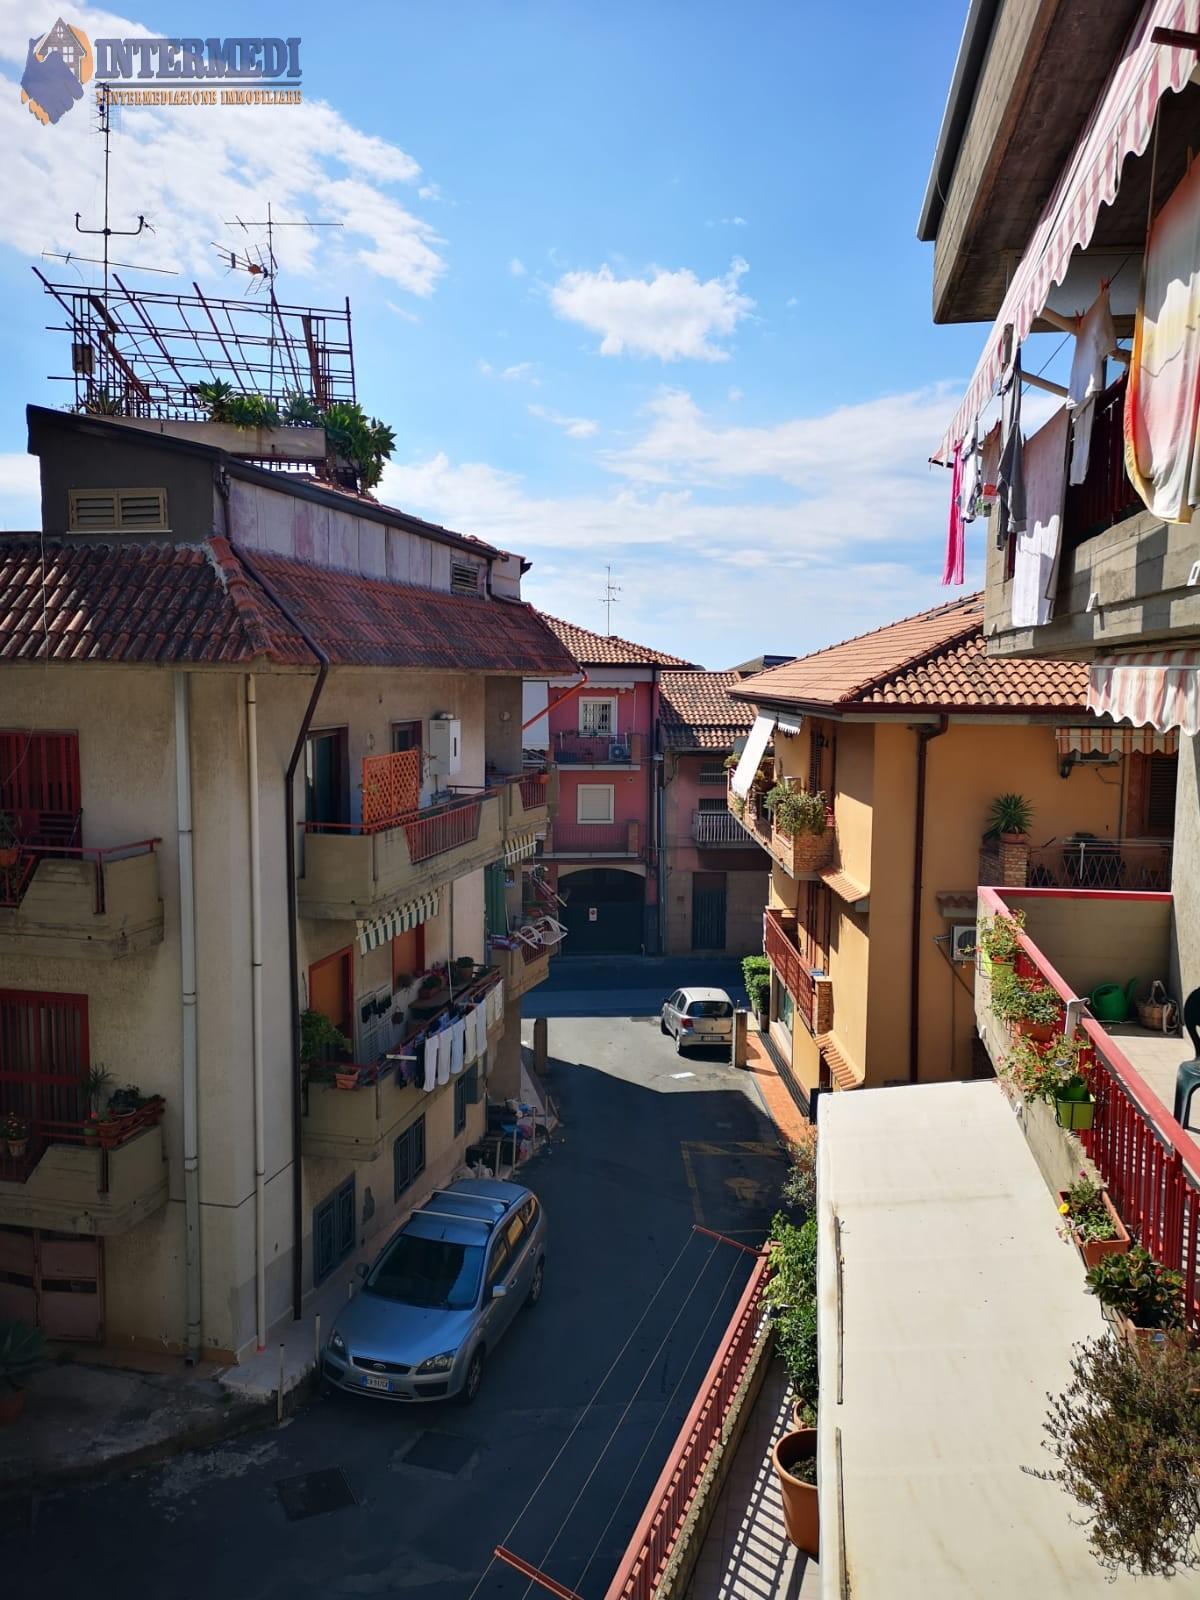 Appartamento in vendita a Aci Castello, 3 locali, zona Zona: Ficarazzi, prezzo € 85.000   CambioCasa.it